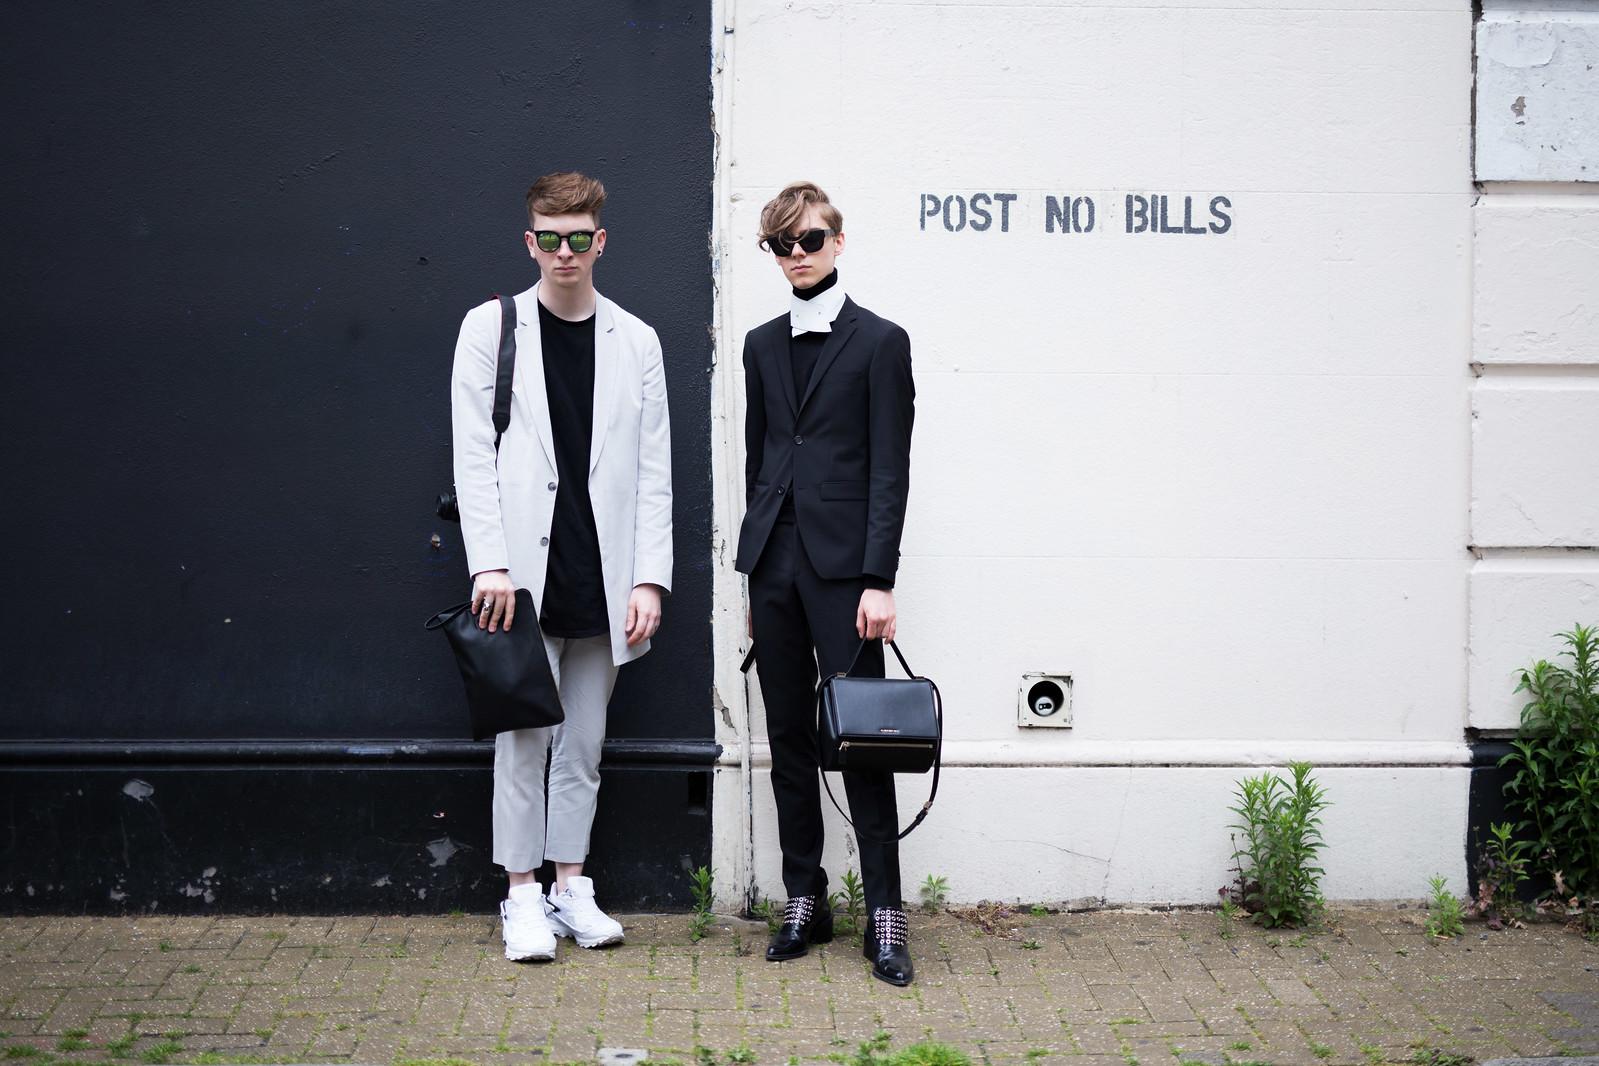 (13-06-2015) Joel McLoughlin & Mikko Puttonen